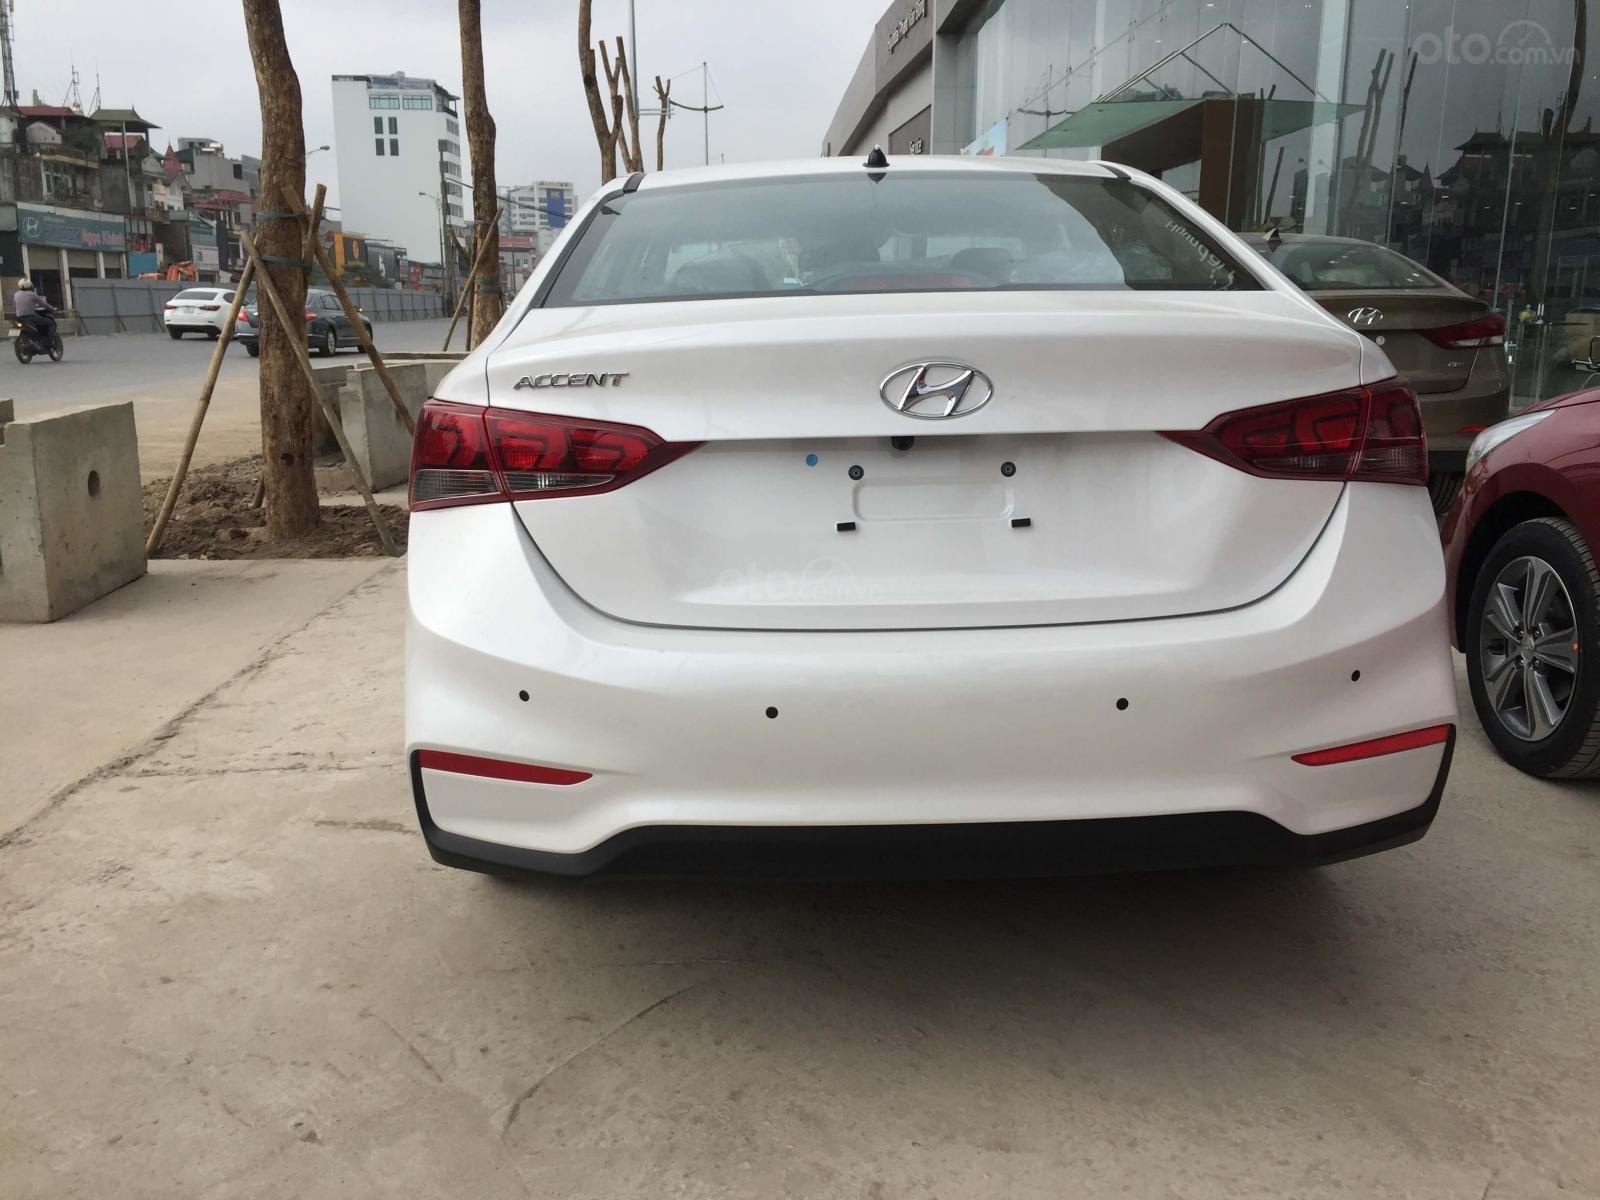 Bán Hyundai Accent 1.4 MT bản đủ mới 2019, đủ màu giao ngay giá tốt (3)